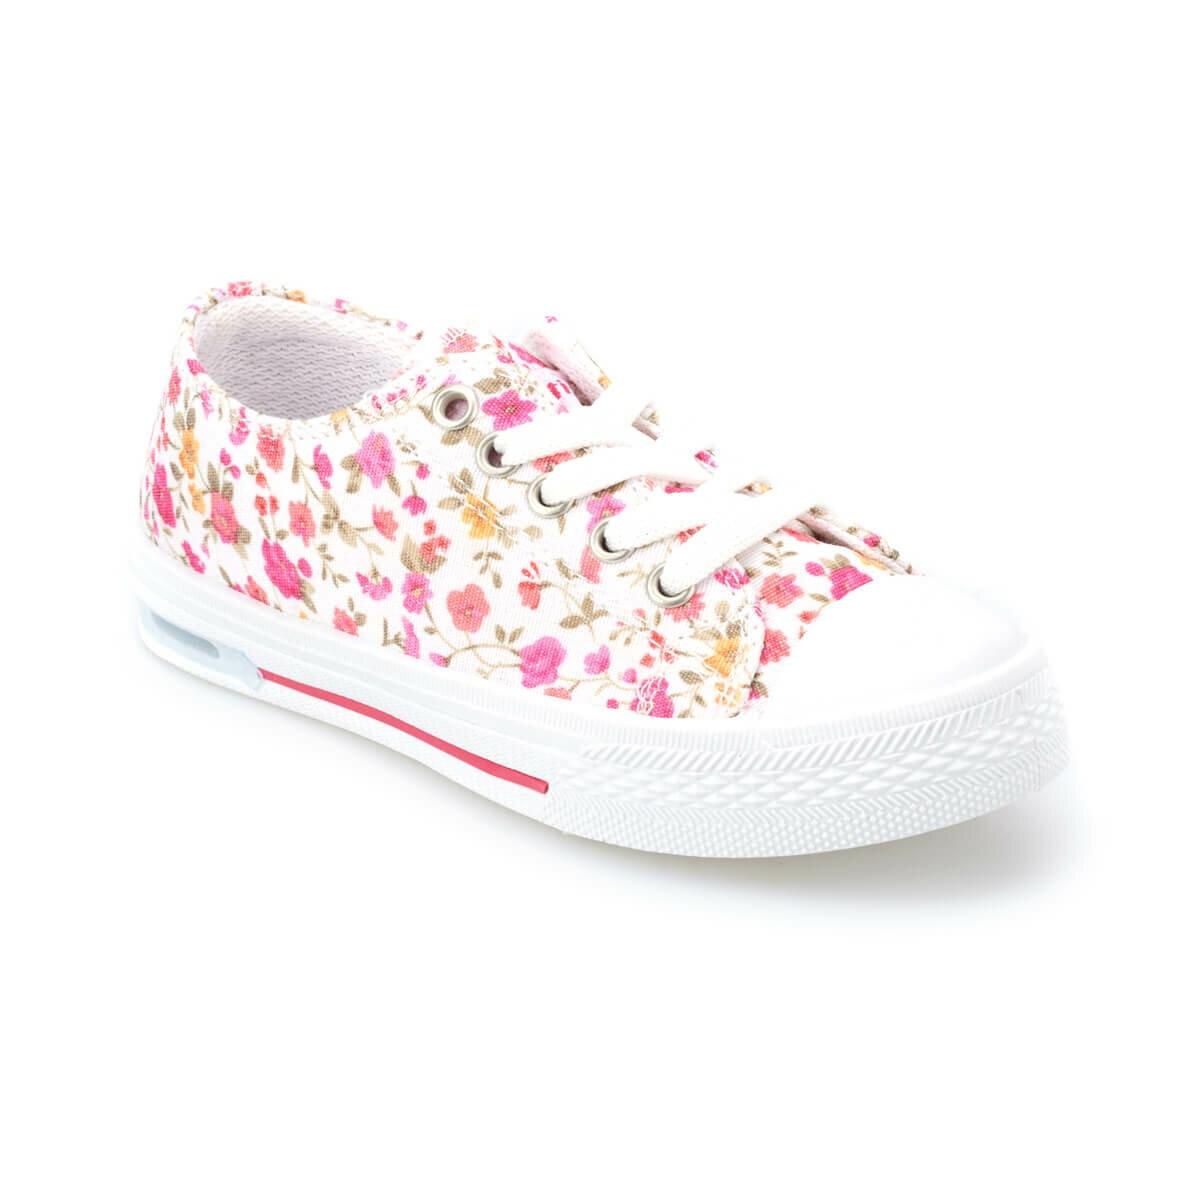 FLO DENNI F White Female Child Sneaker Shoes KINETIX